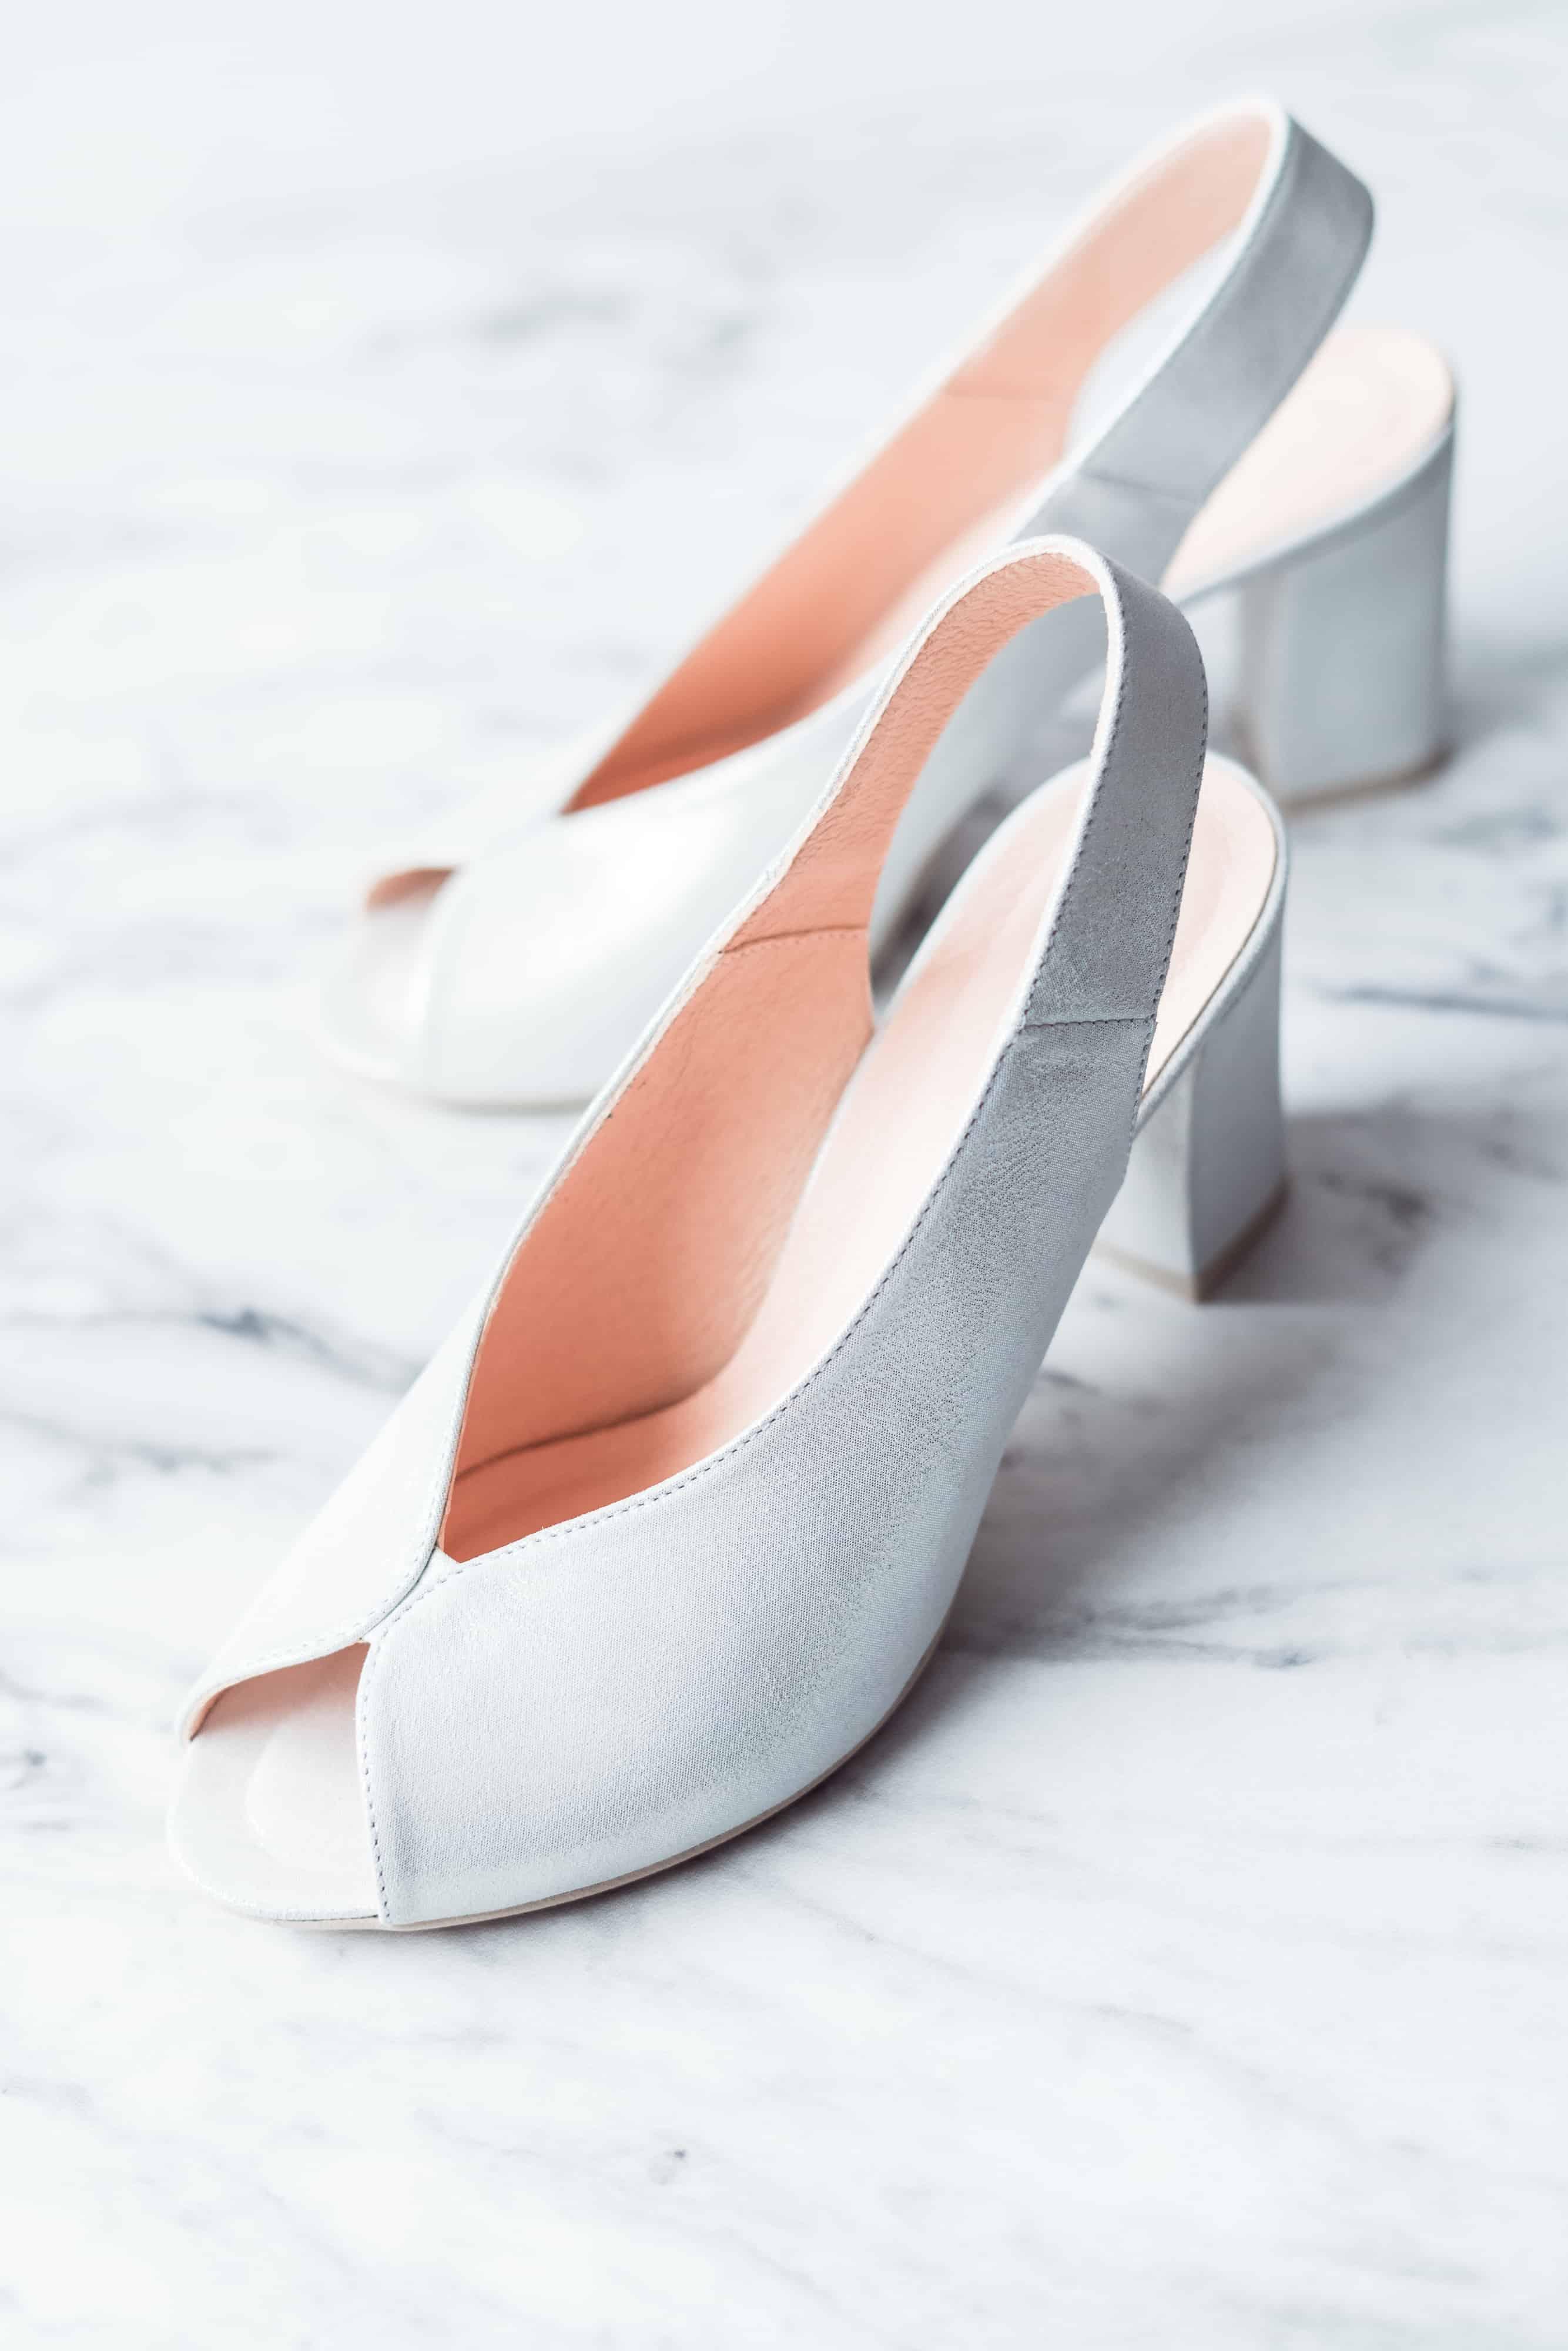 buty damskie na zamówienie